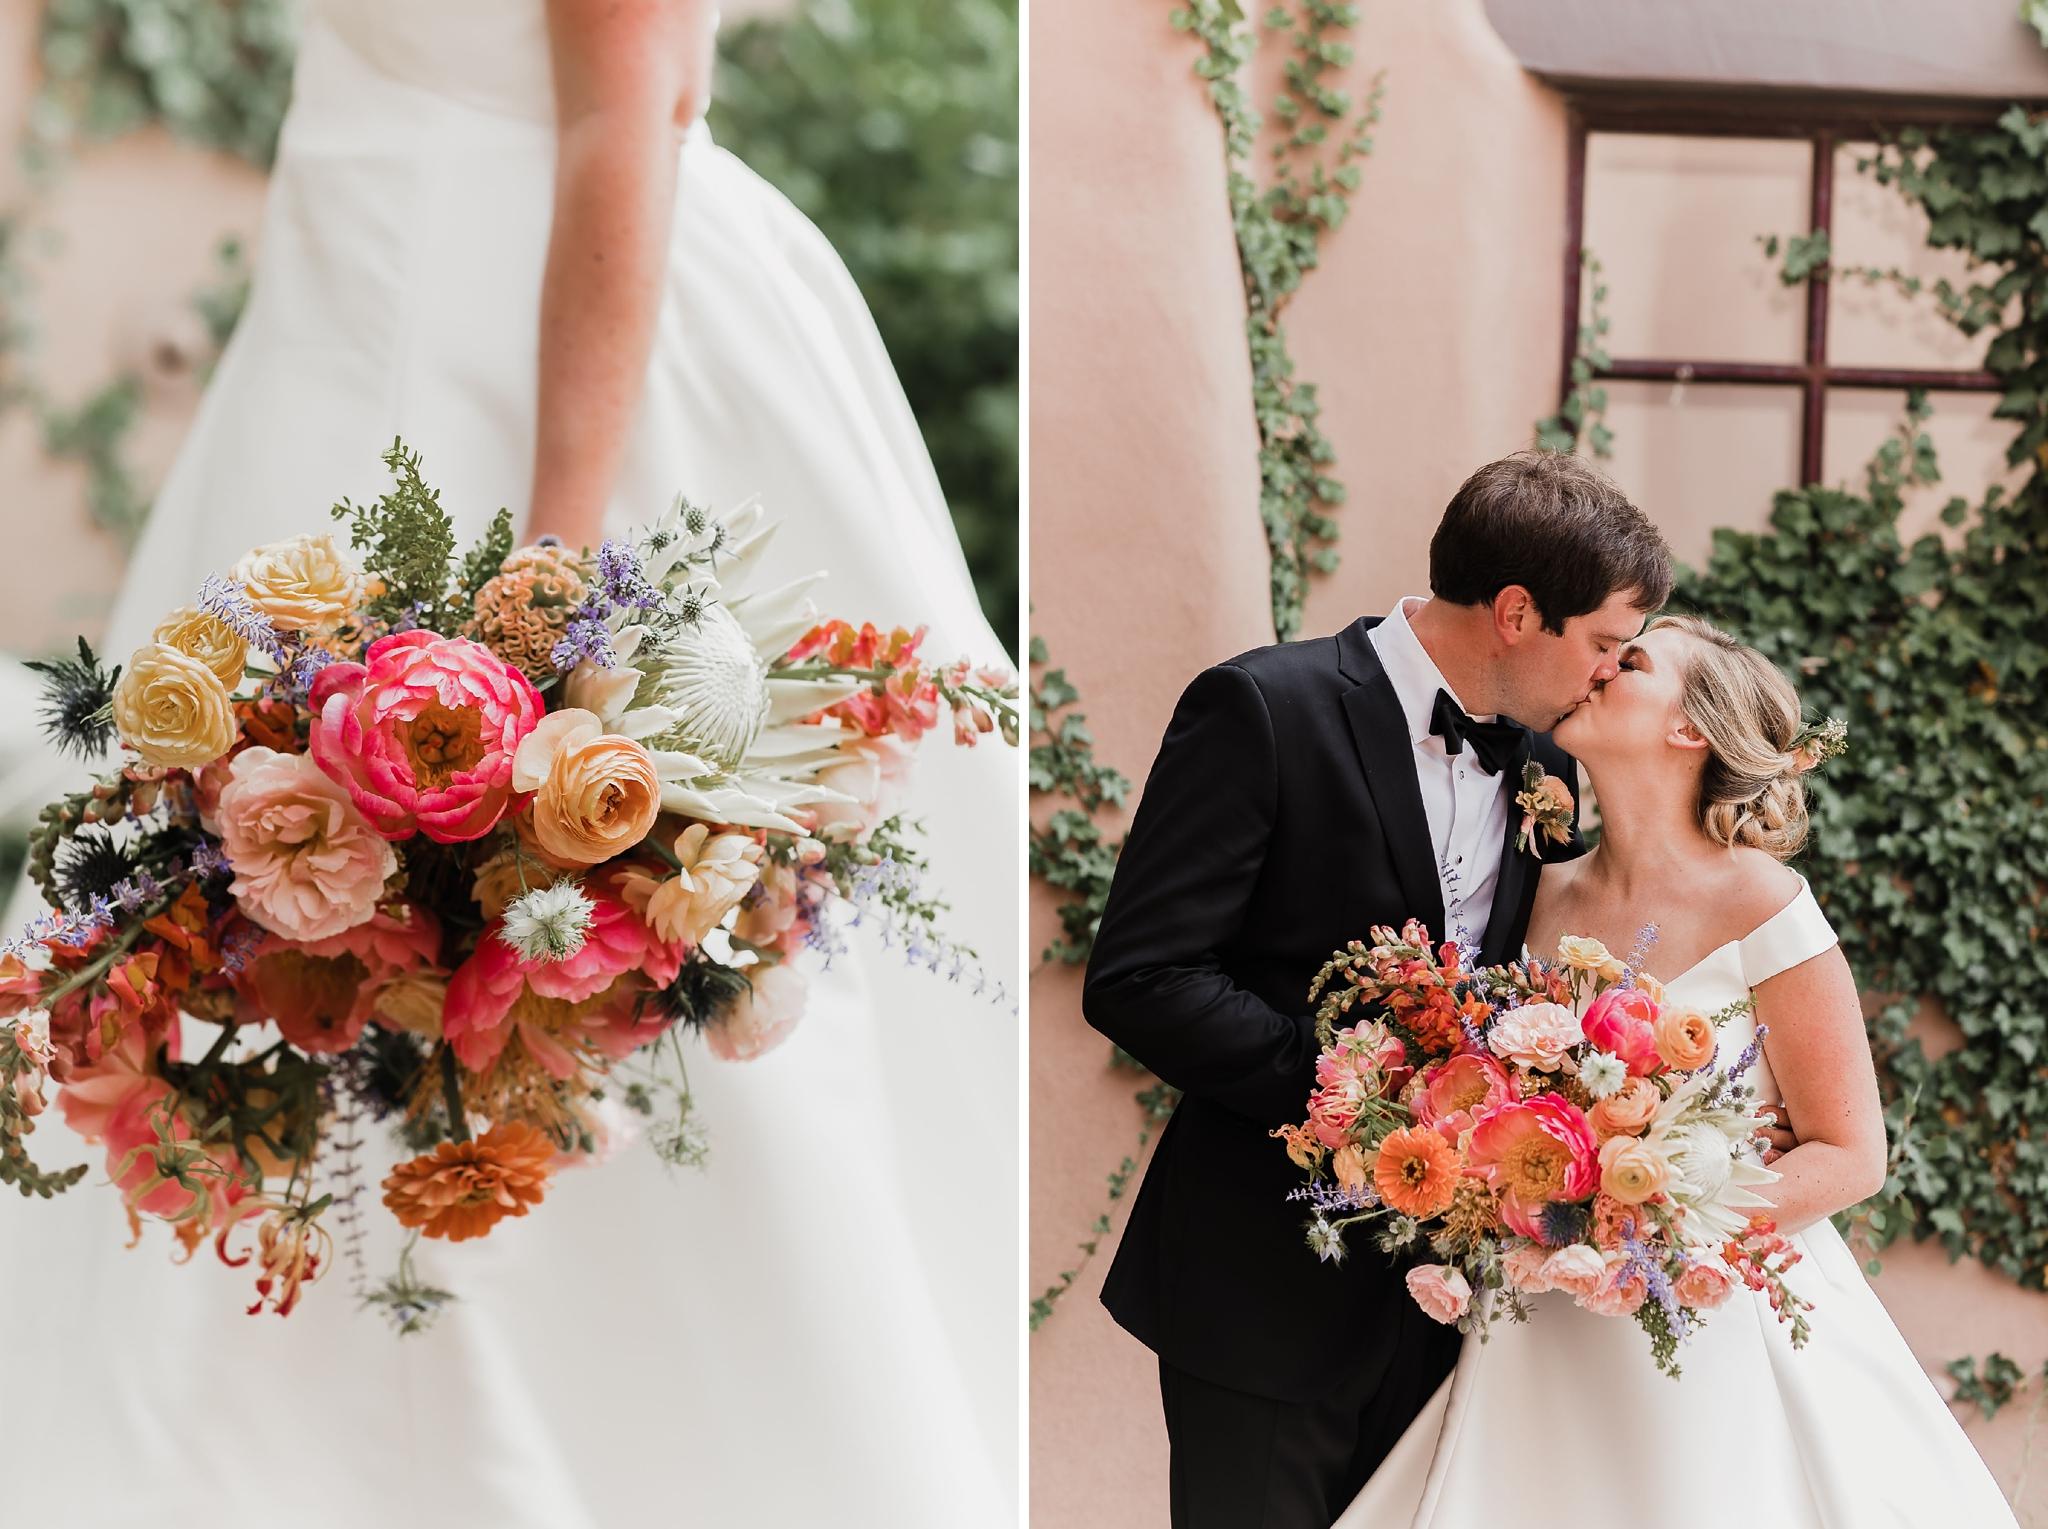 Alicia+lucia+photography+-+albuquerque+wedding+photographer+-+santa+fe+wedding+photography+-+new+mexico+wedding+photographer+-+new+mexico+wedding+-+summer+wedding+-+summer+wedding+florals+-+southwest+wedding_0072.jpg